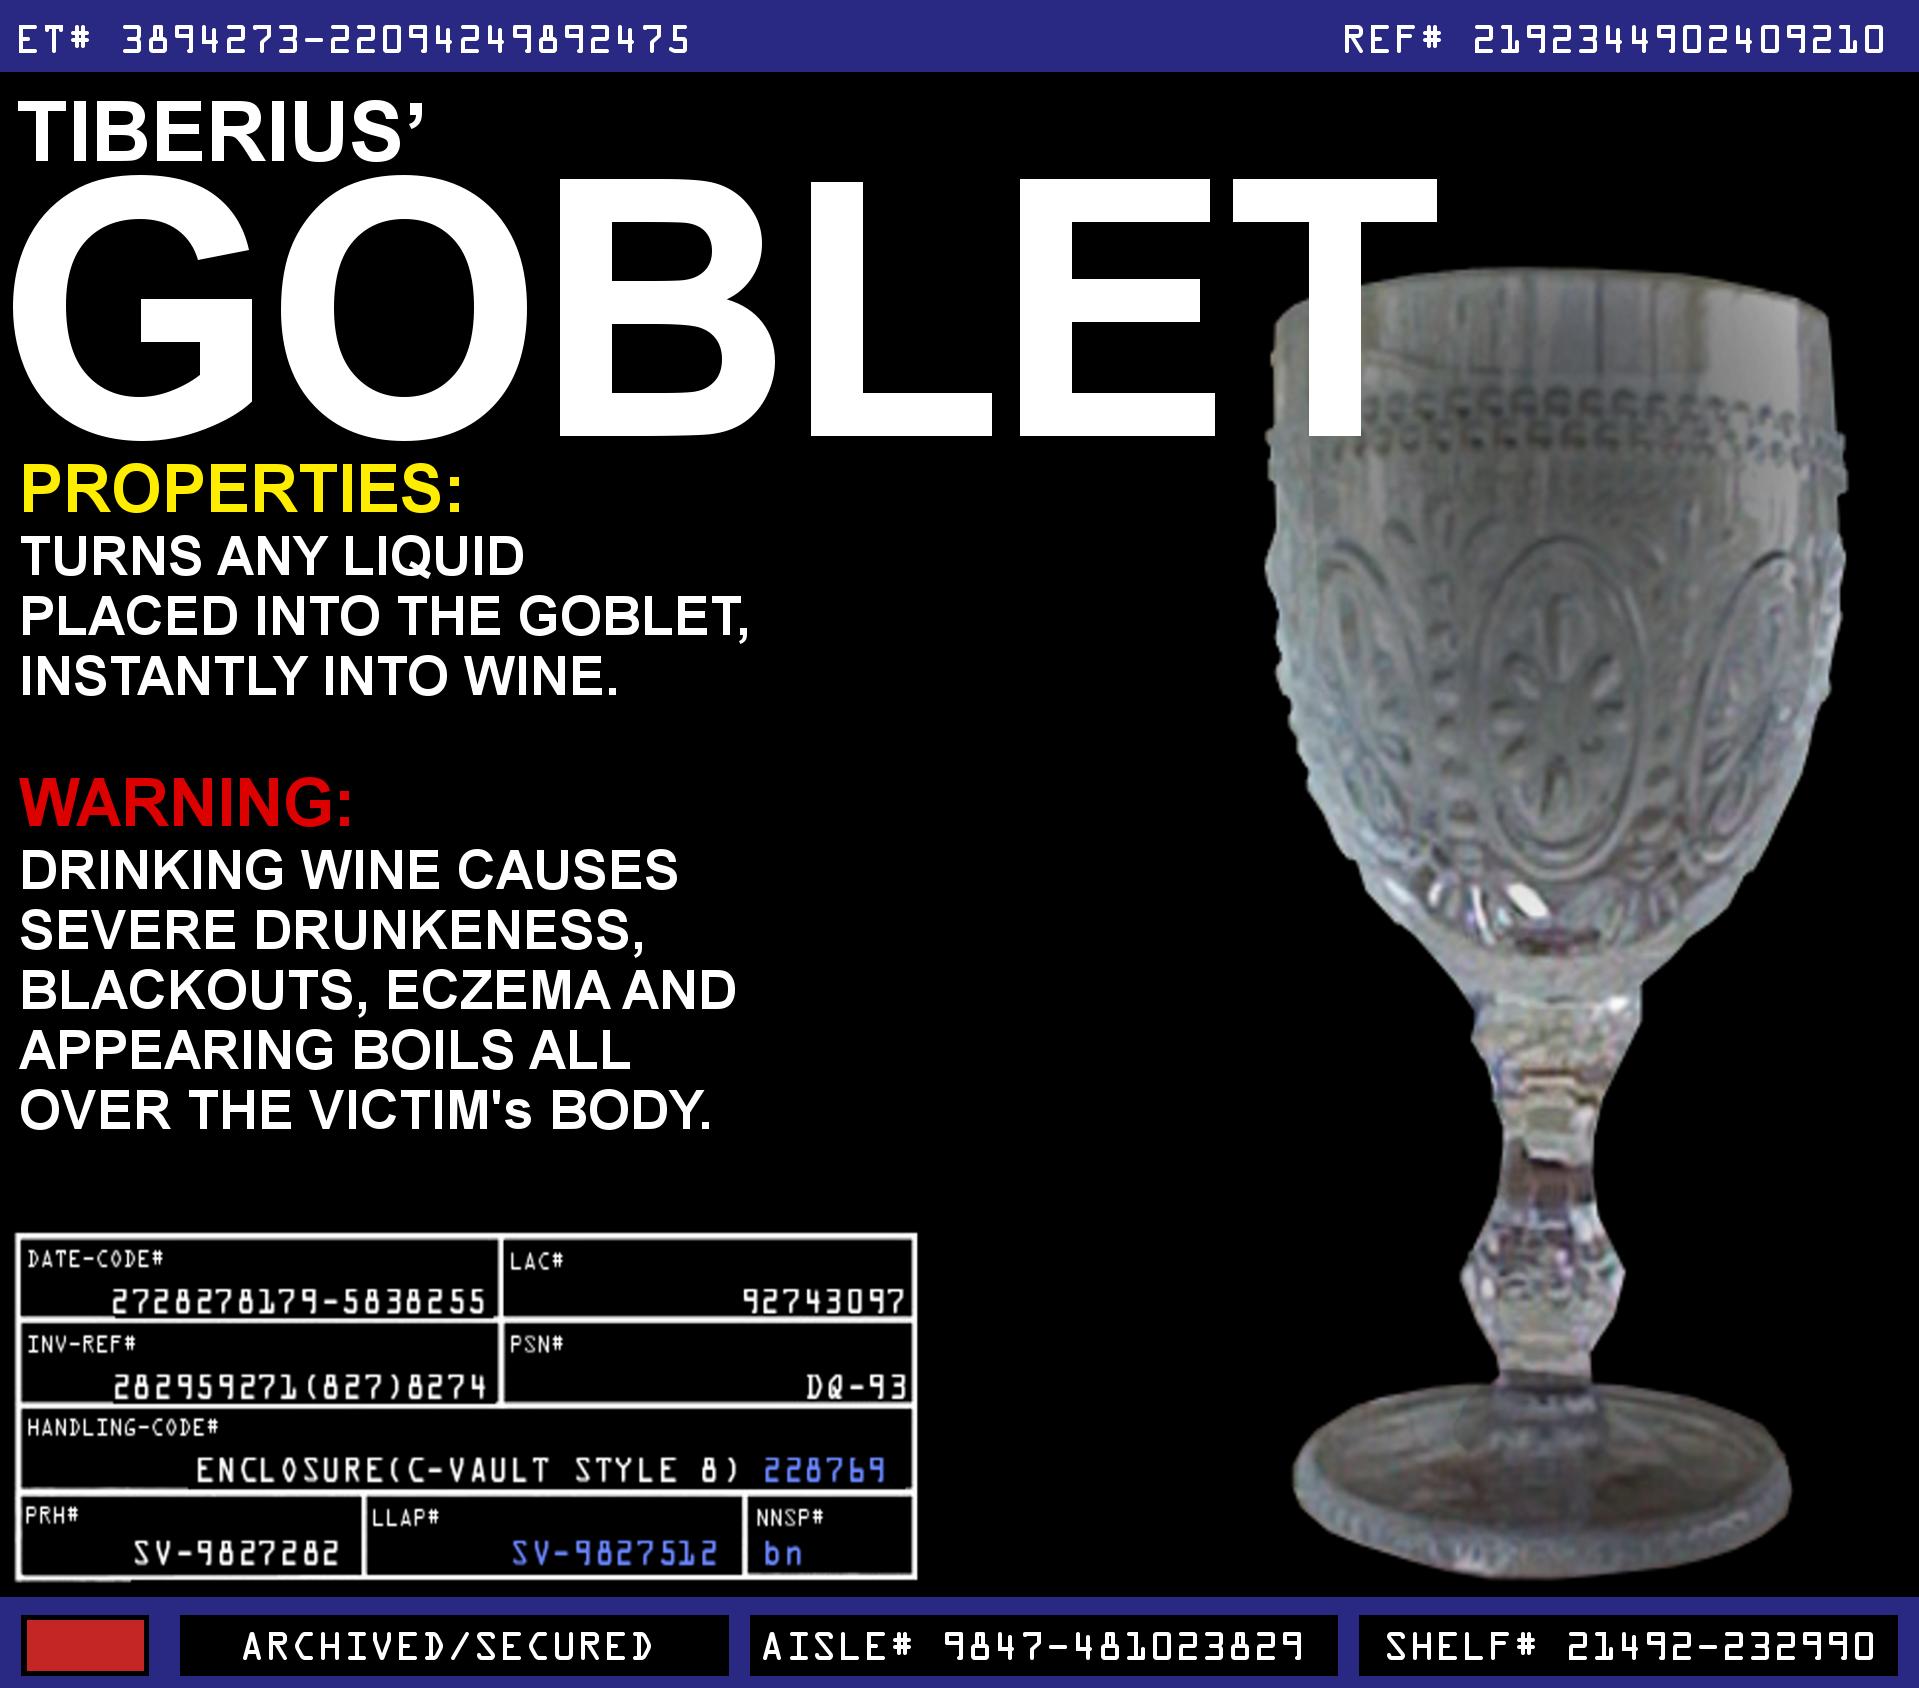 Tiberius' Goblet